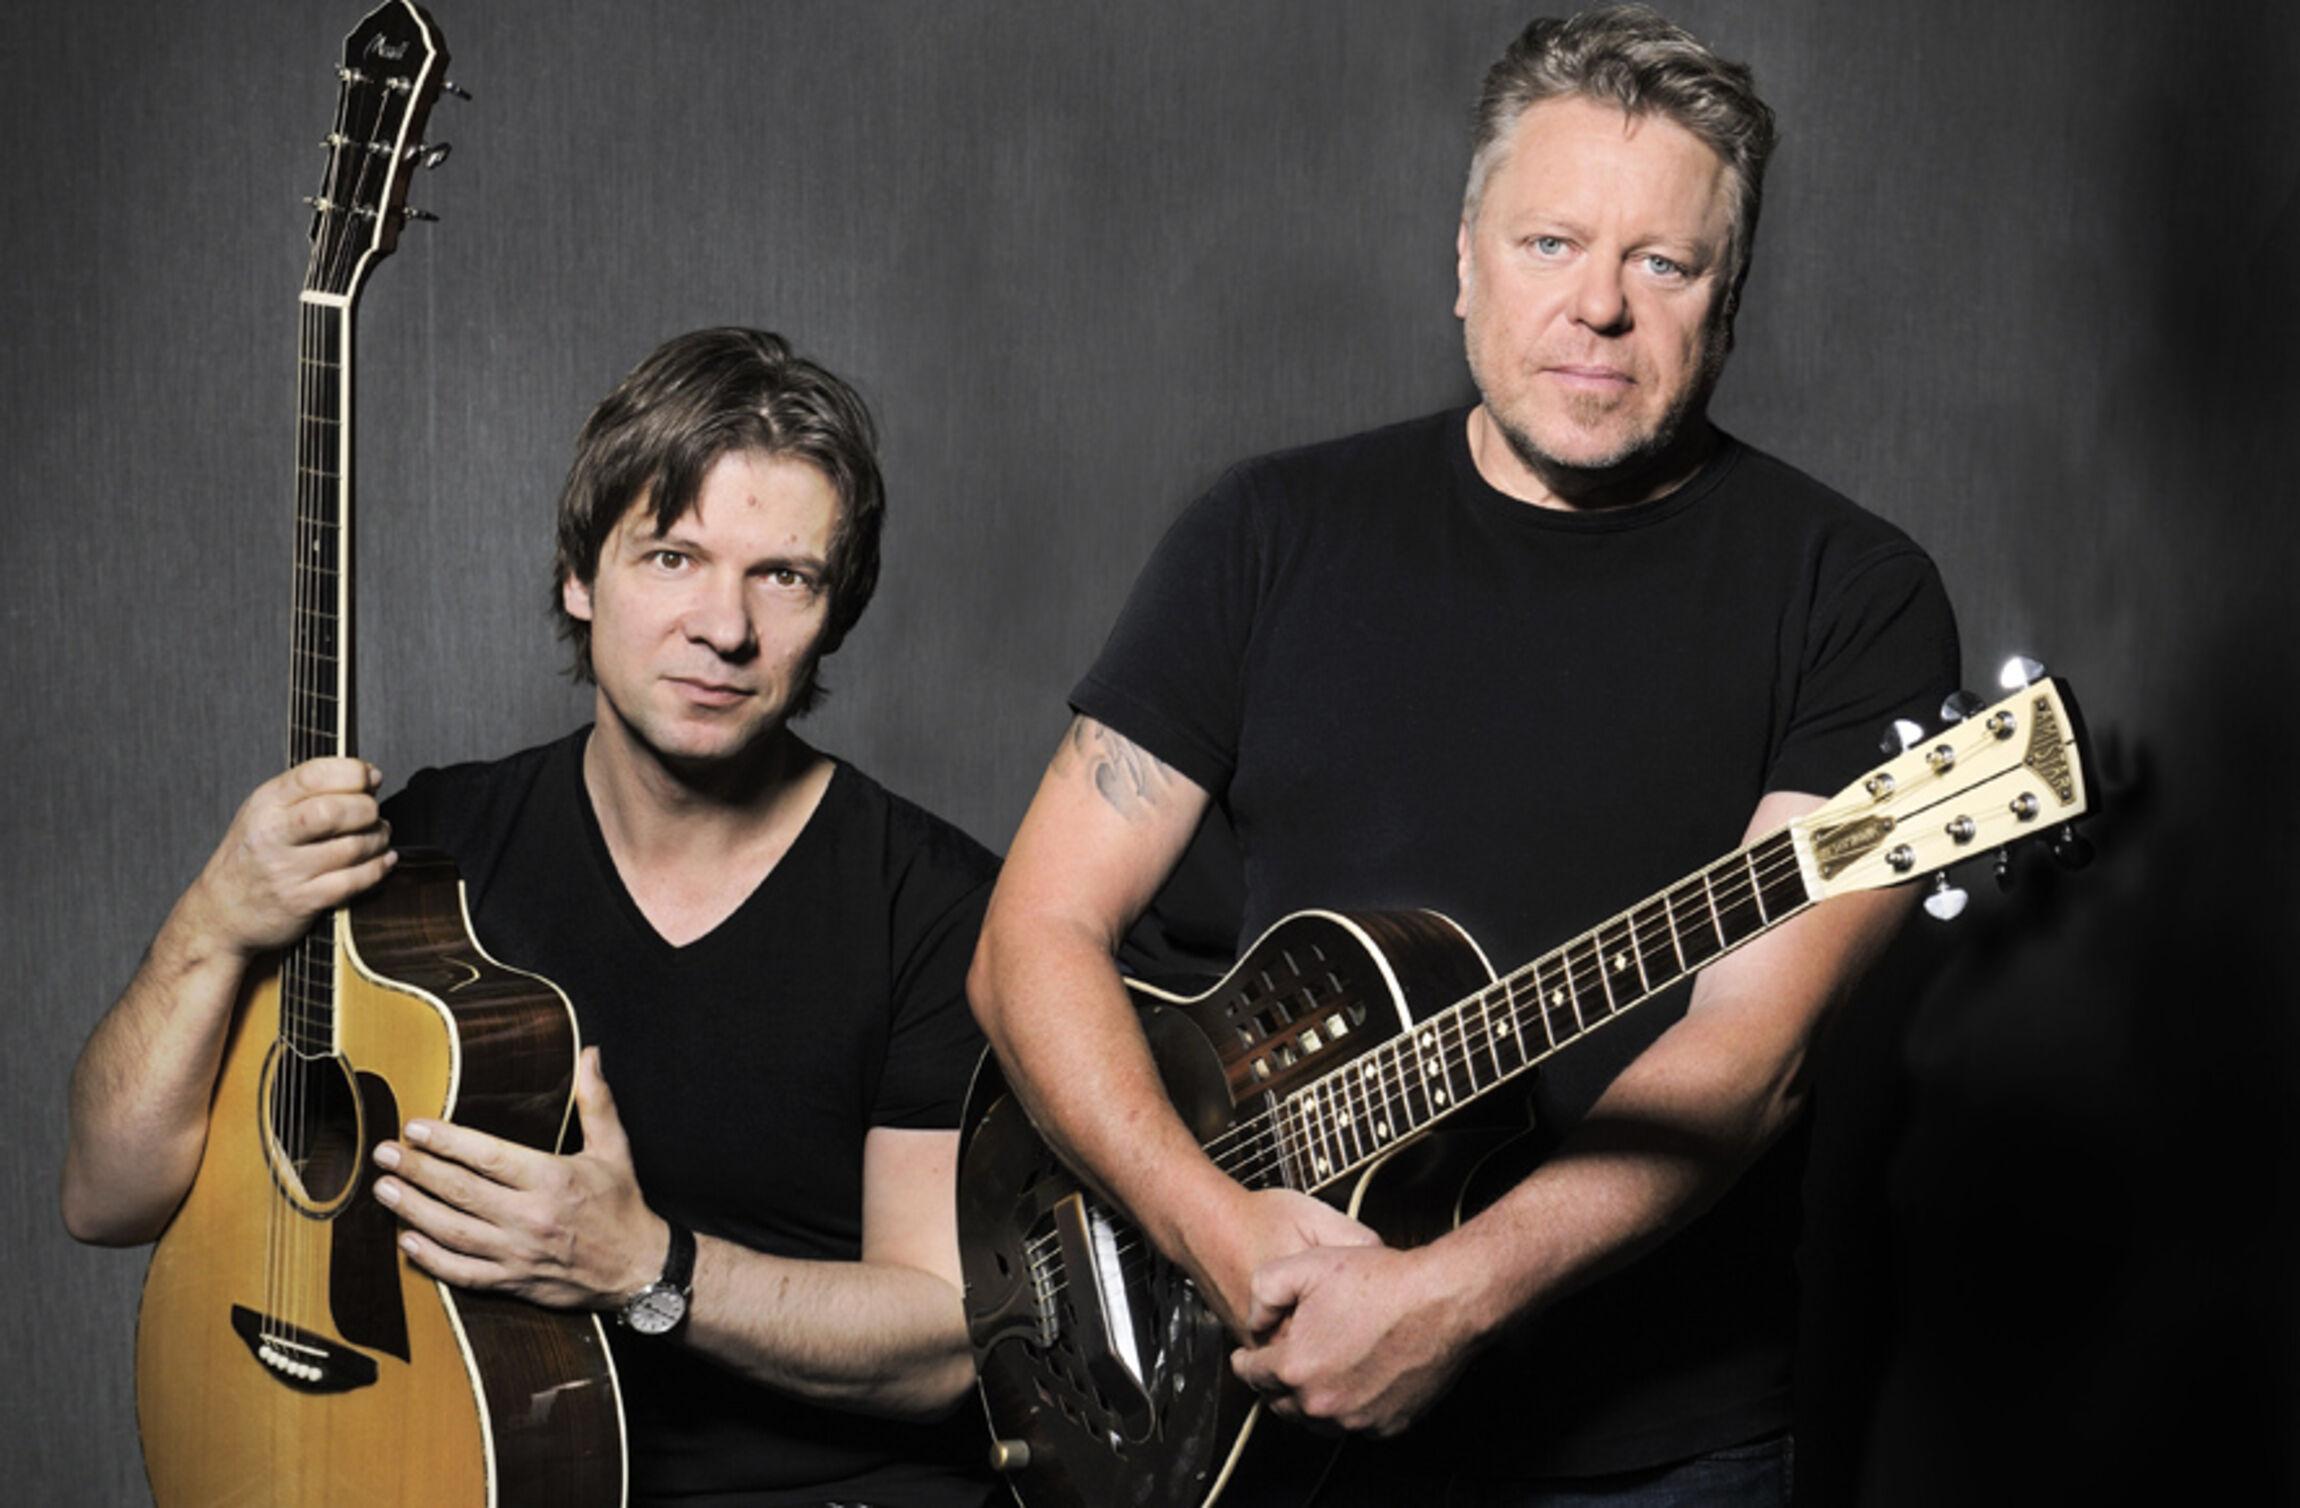 Foto: Richie Arndt und Gregor Hilden